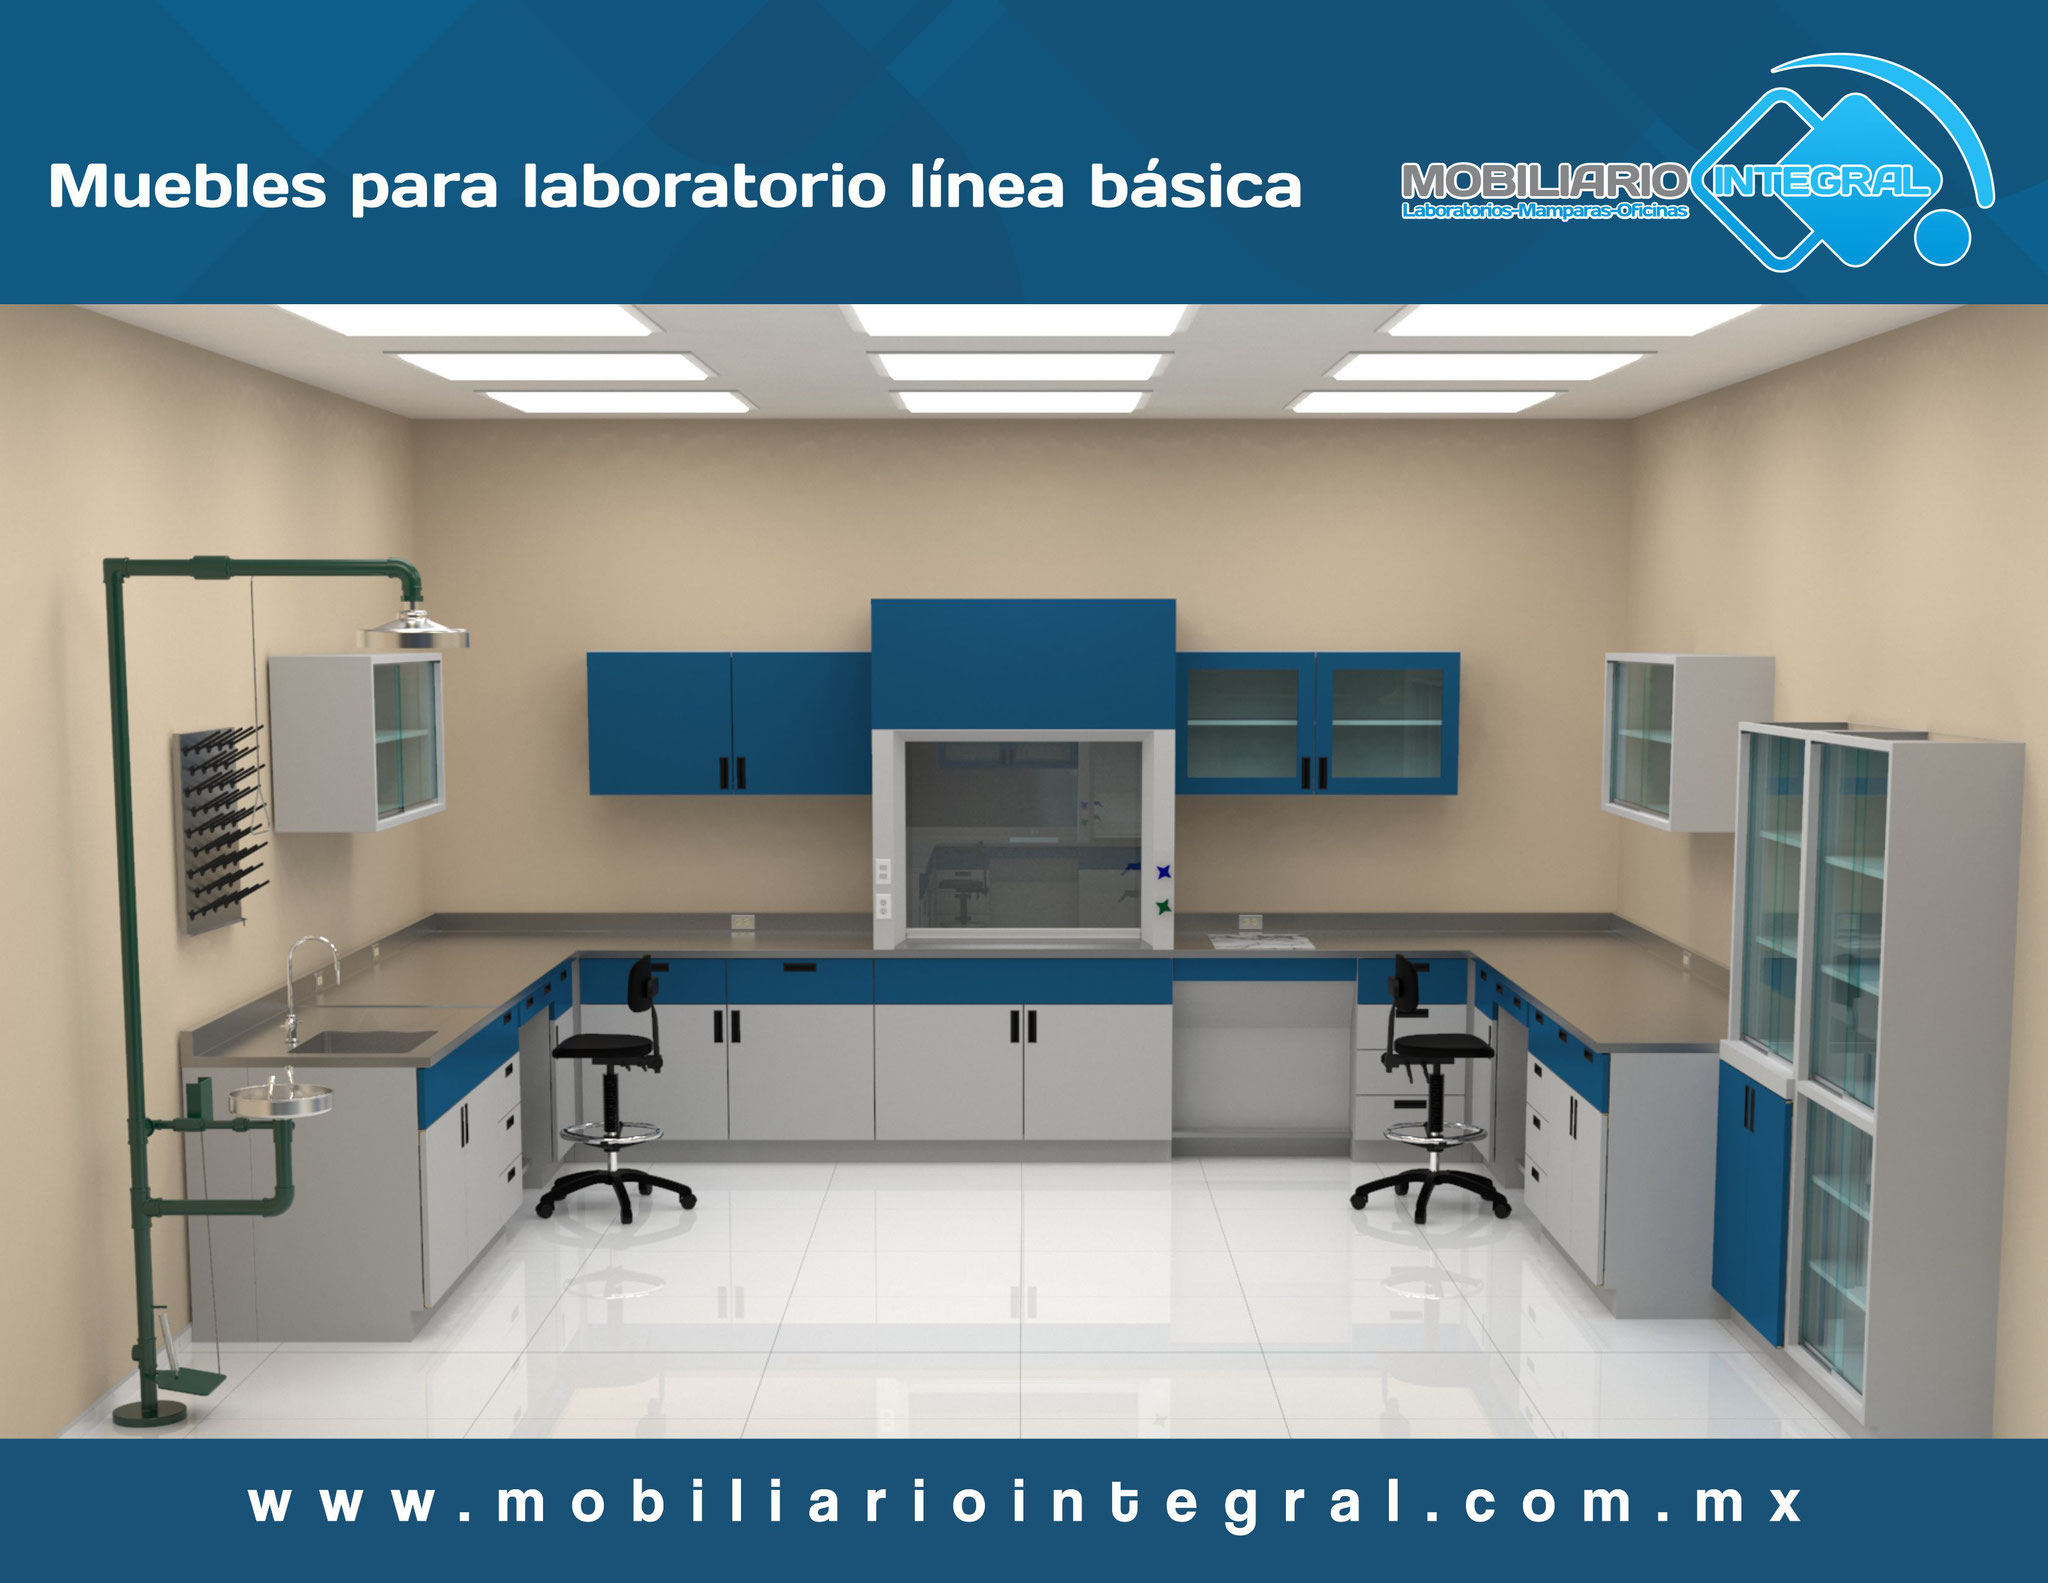 Muebles para laboratorio en Yucatán